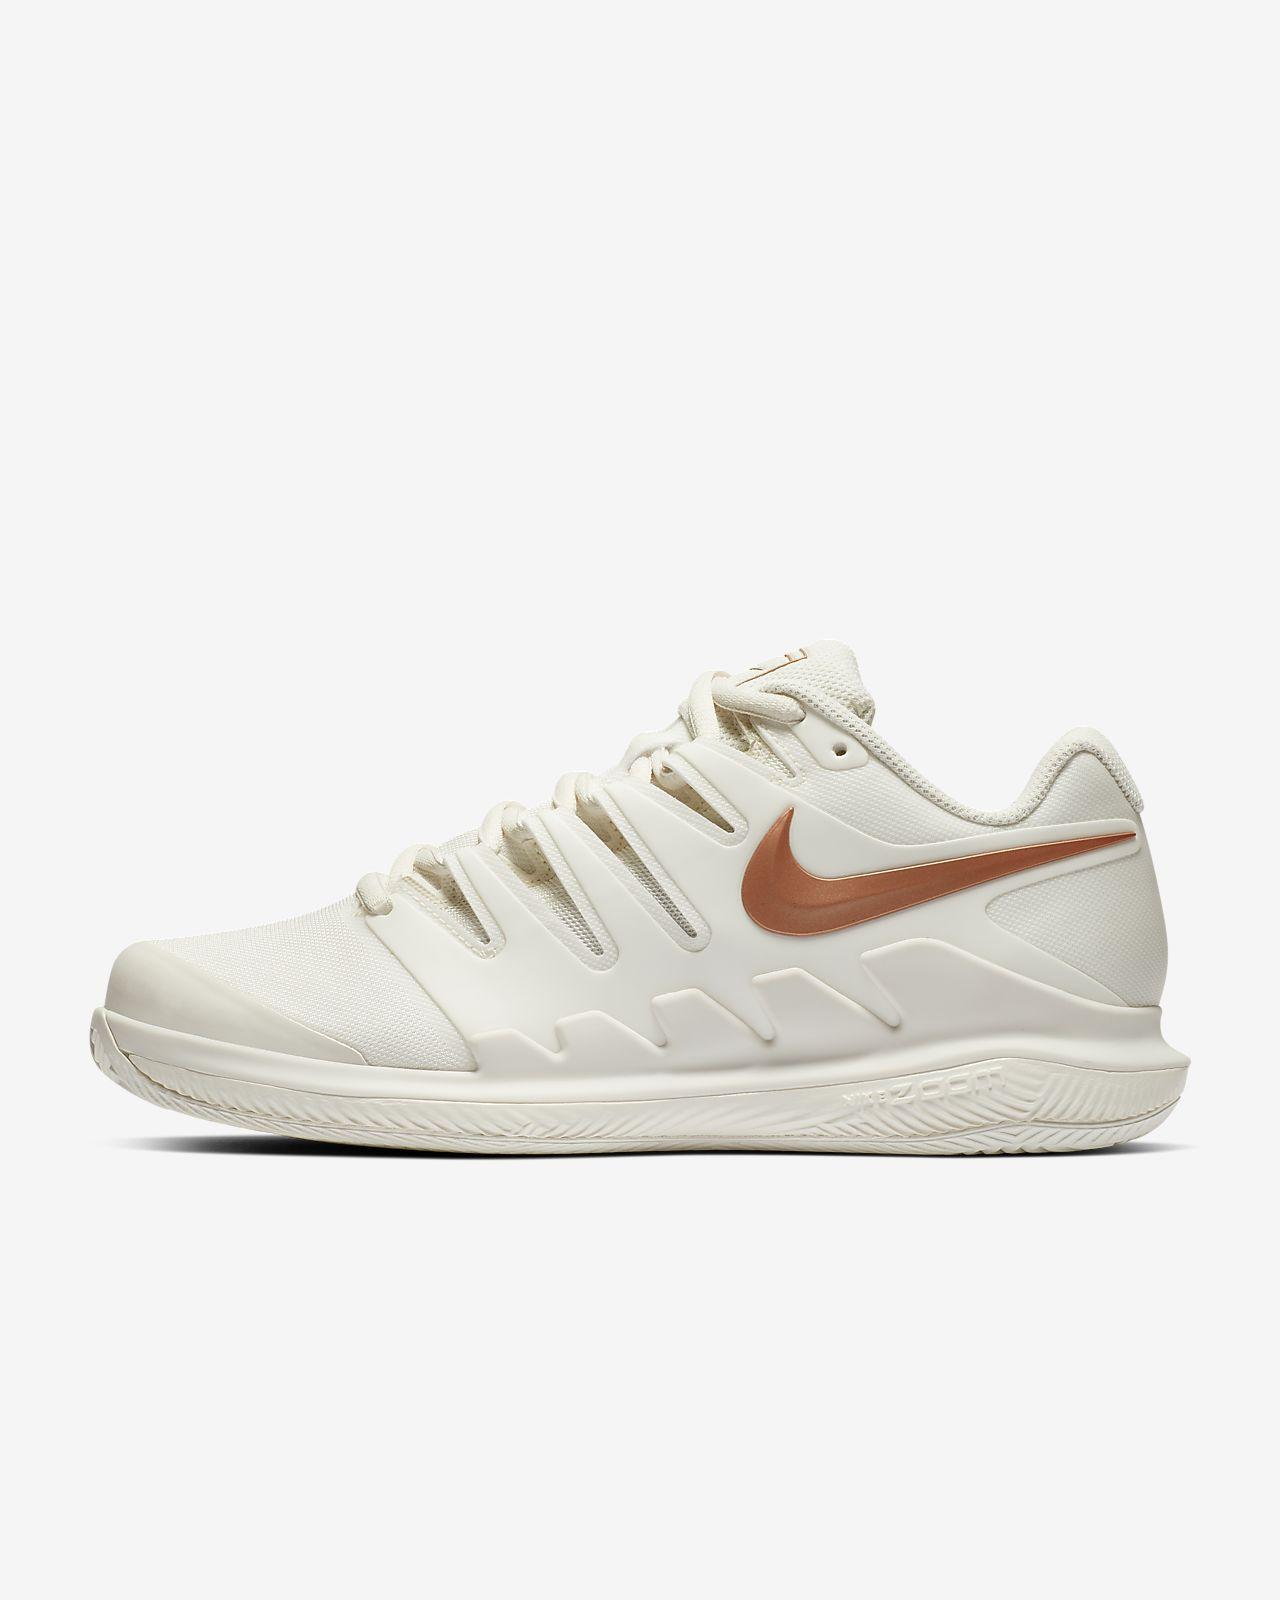 Nike Air Zoom Vapor X Clay-tennissko til kvinder. Nike.com DK 8d63ad0750